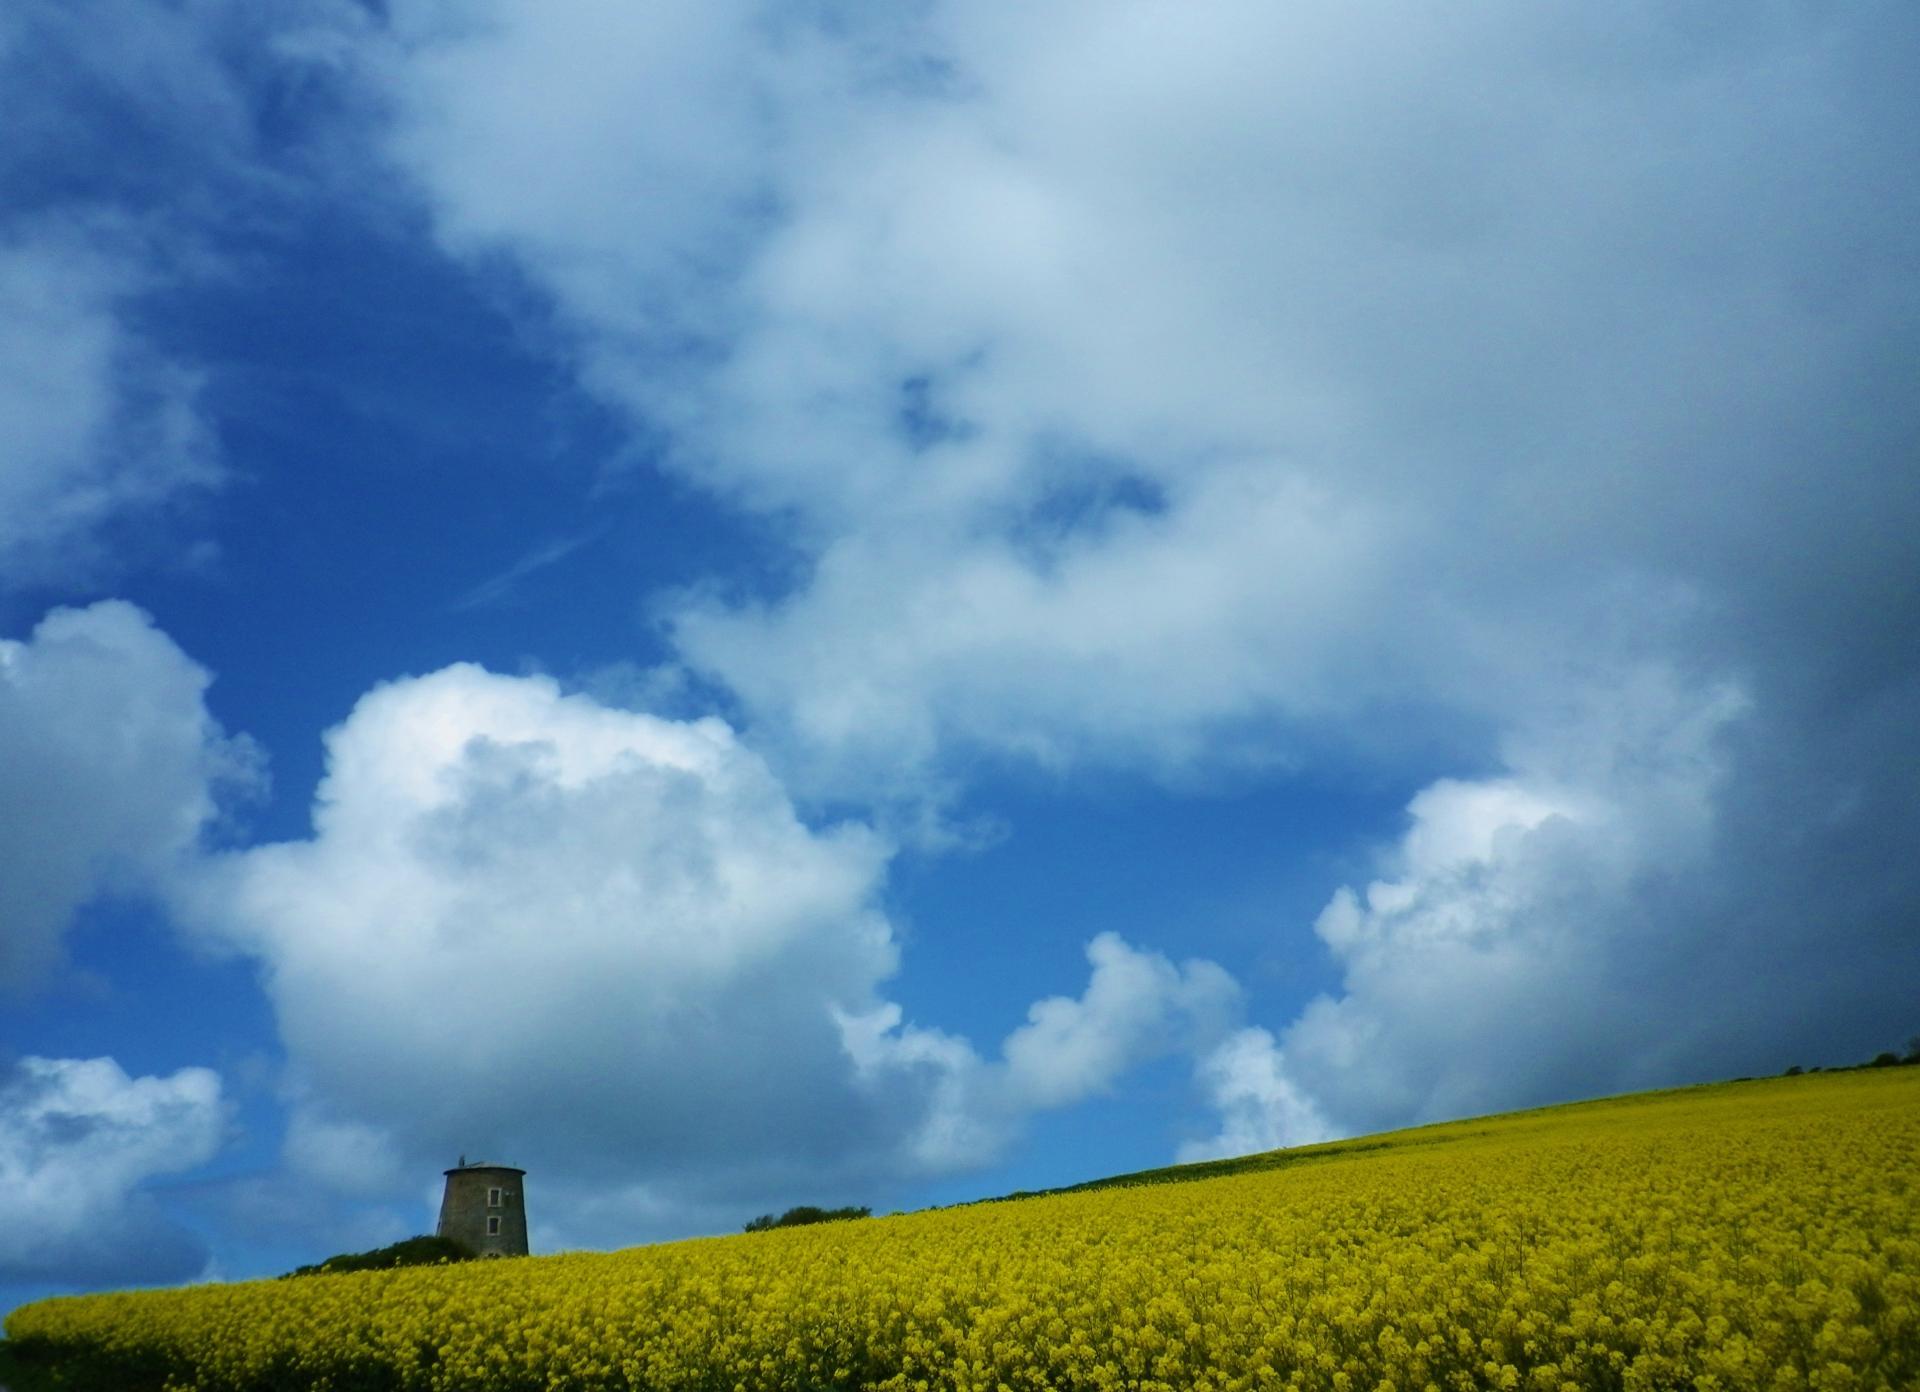 moulin d'escalles parmi les champs de colza